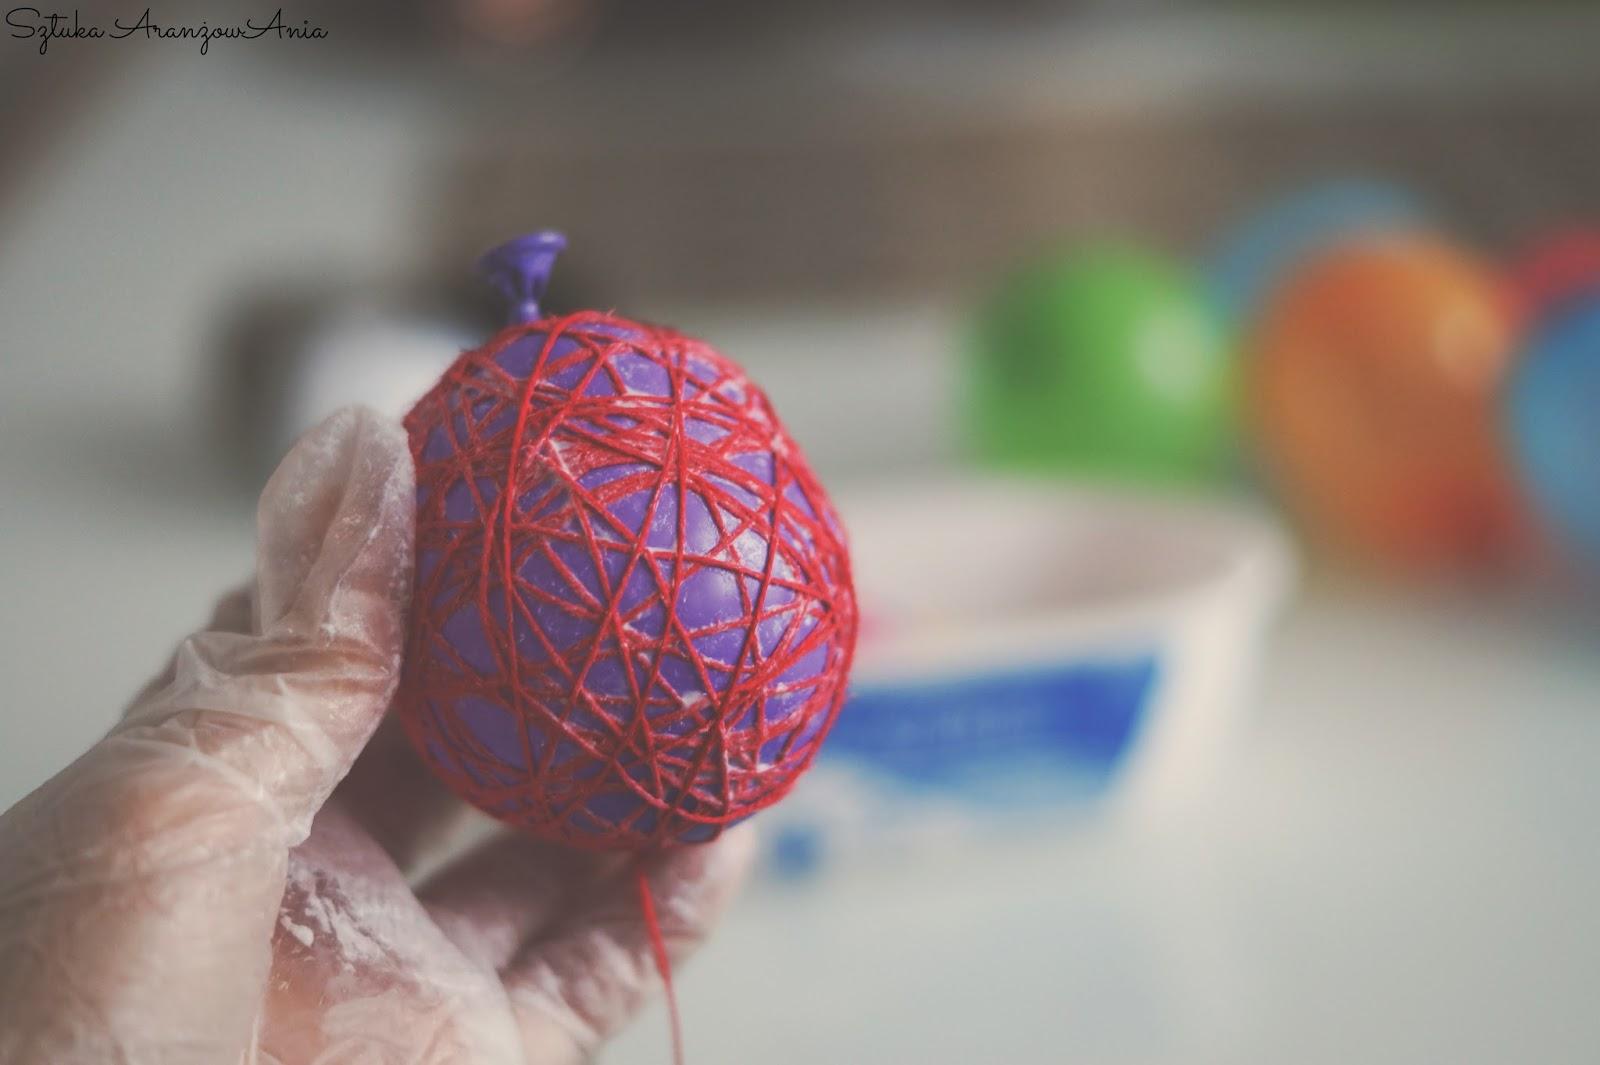 Inspiracja i sposób wykonania Cotton Balls, szybki handmade - instrukcja na blogu Sztuka AranżowAnia.